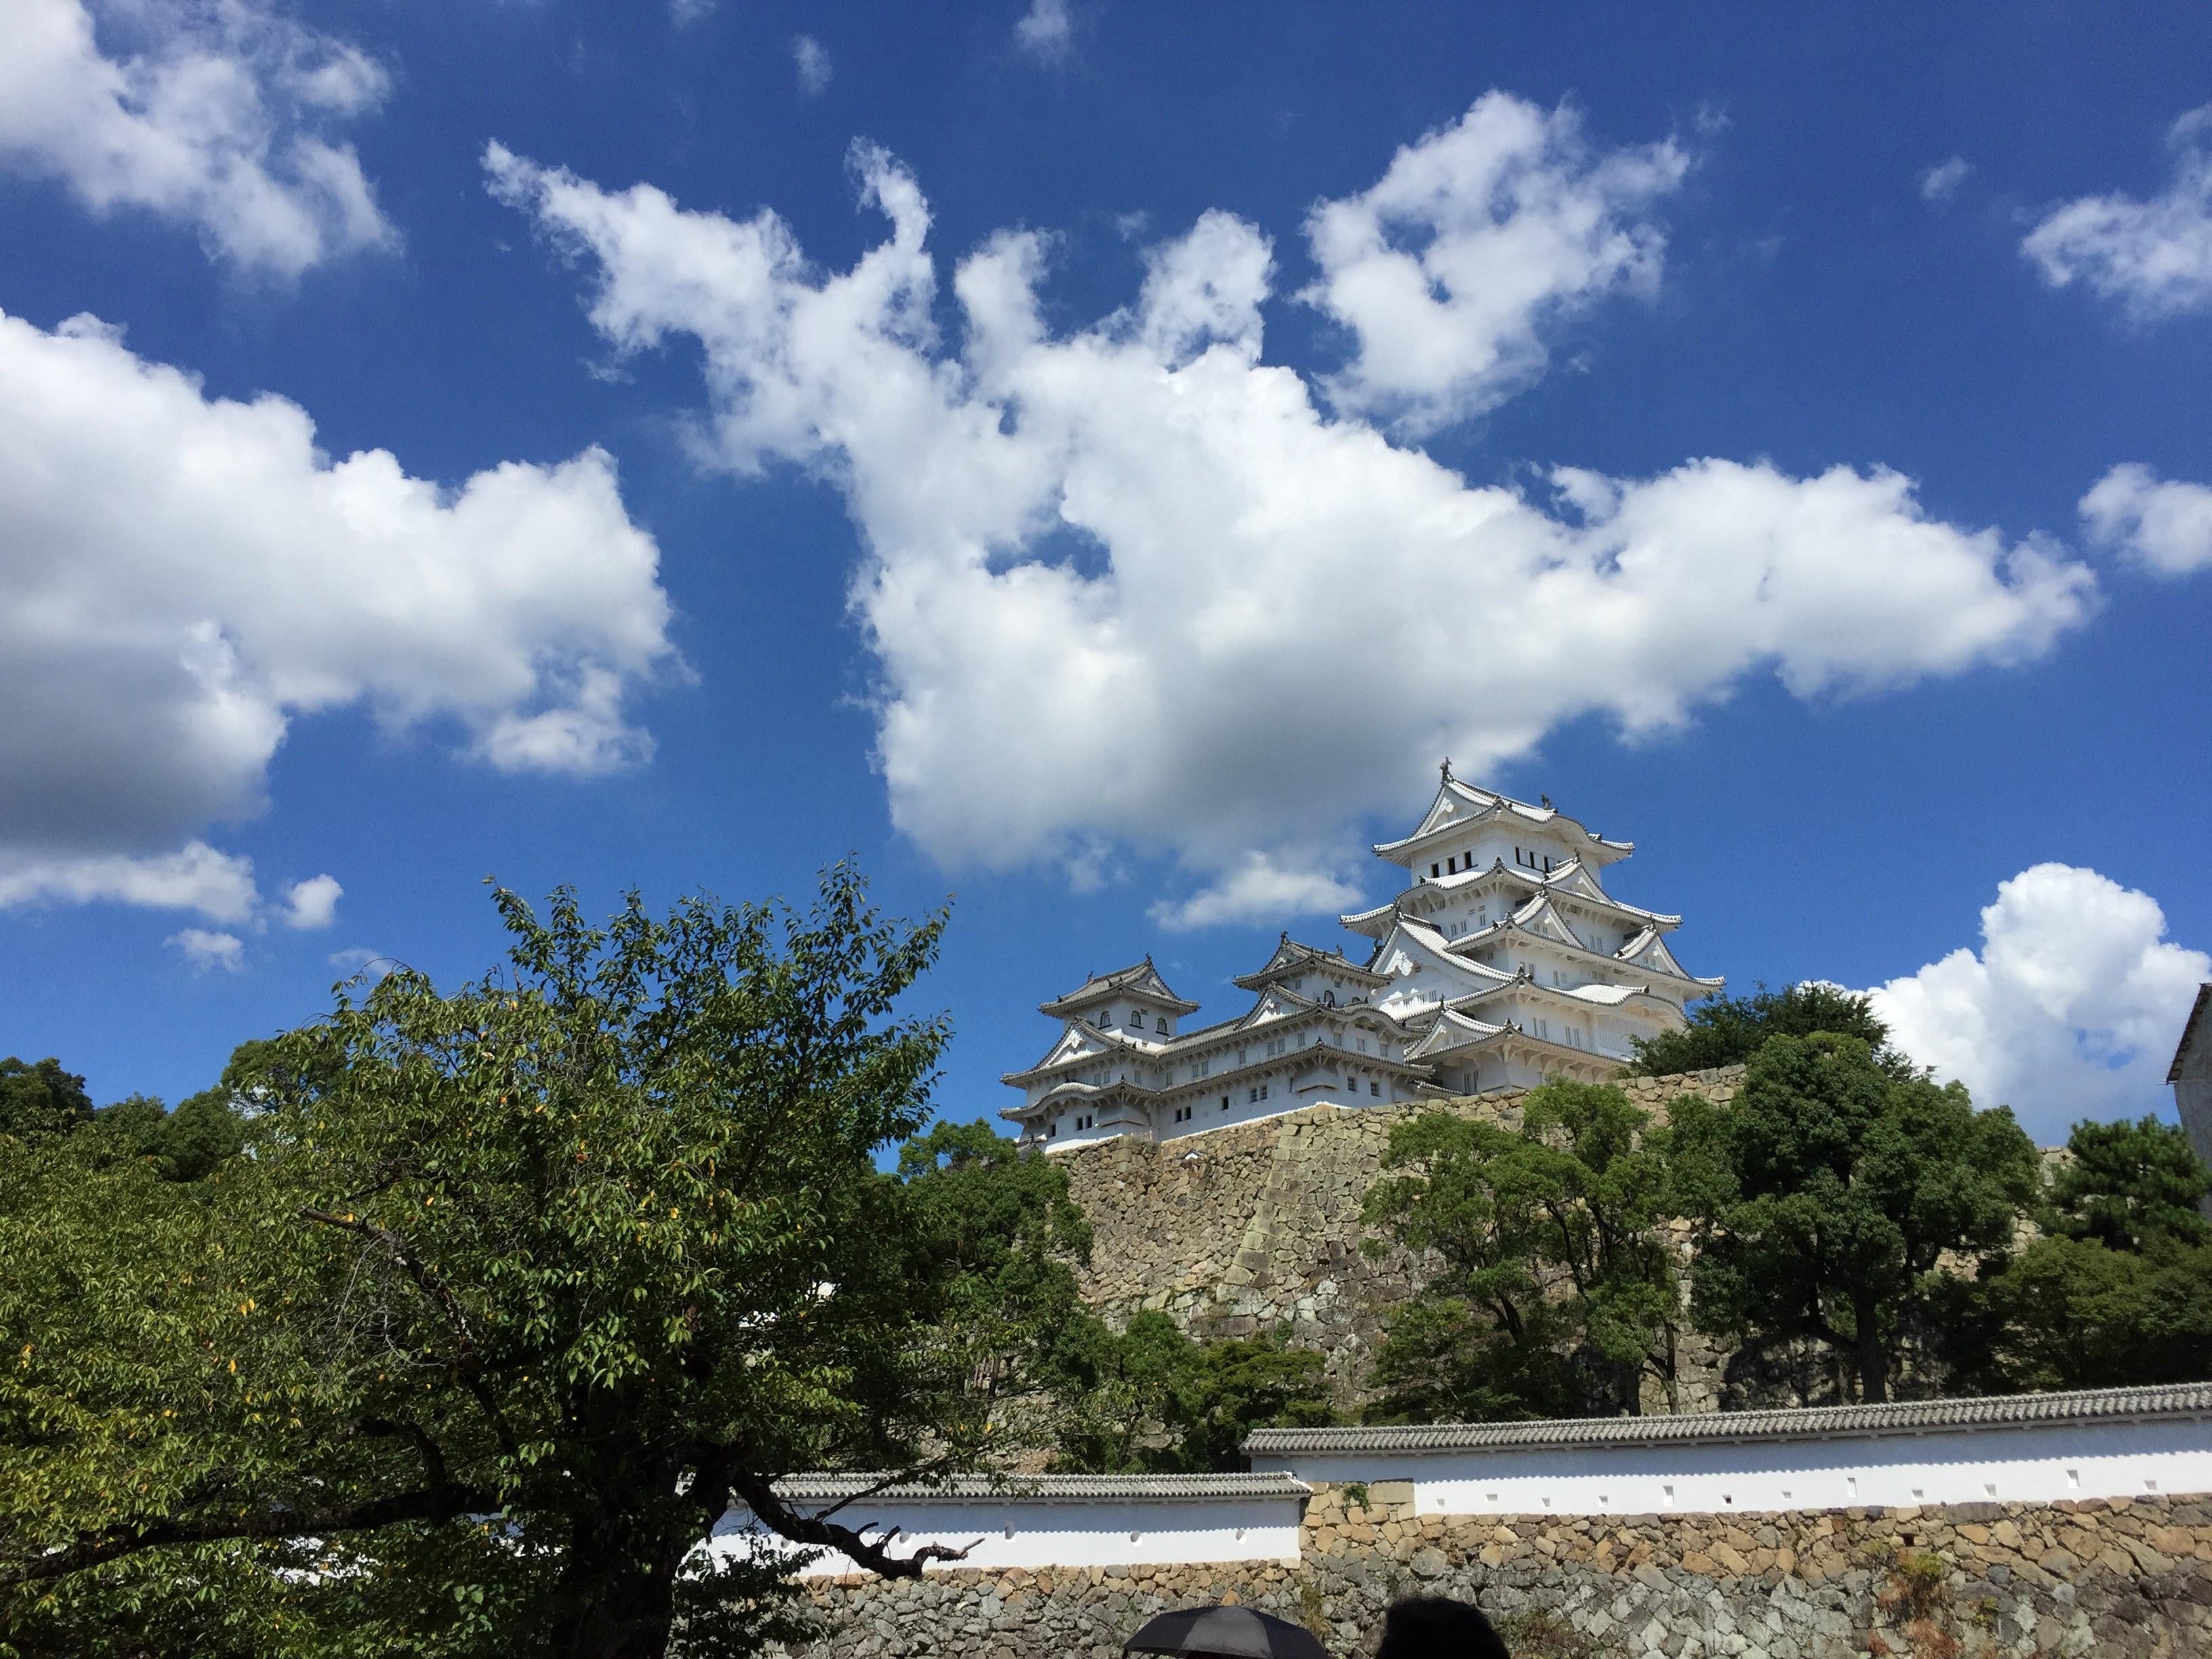 Himeji's castle